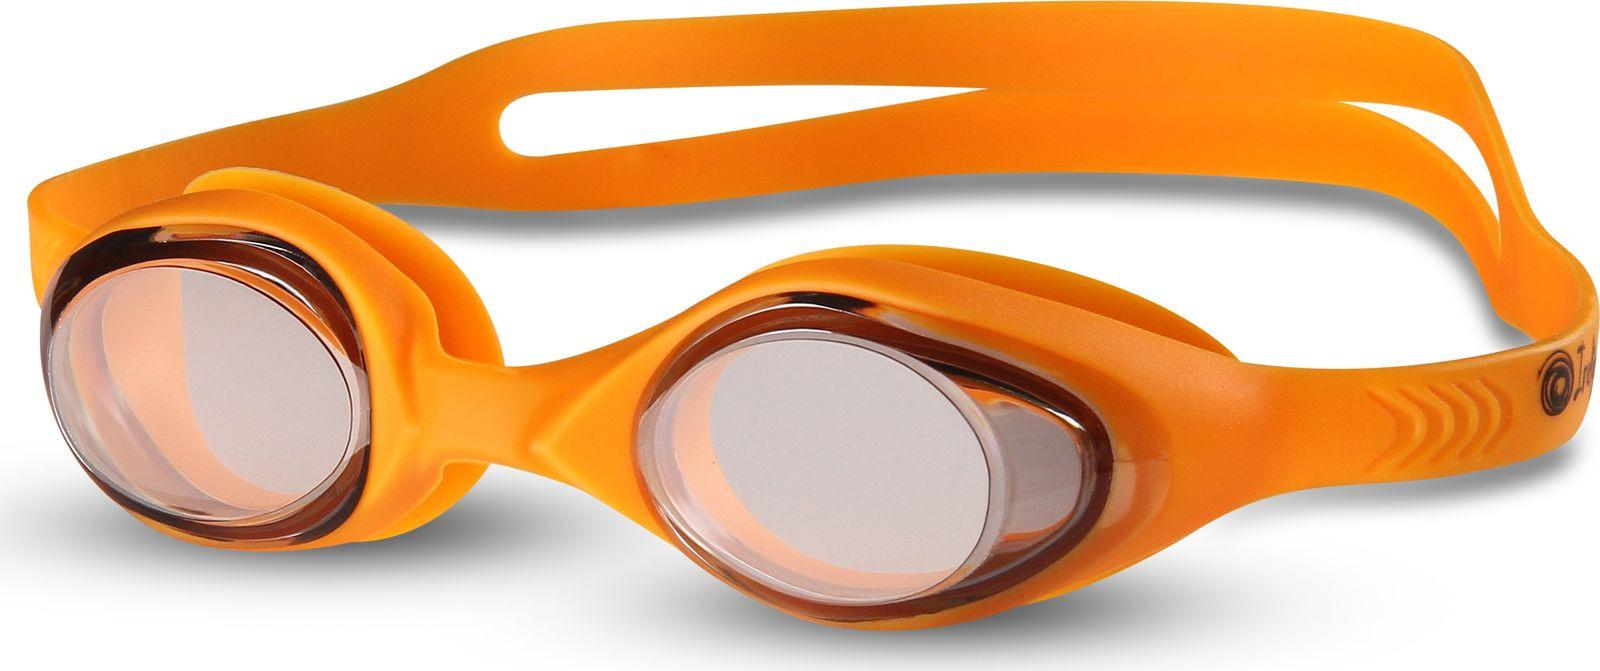 Очки для плавания детские Indigo, G6106, оранжевый